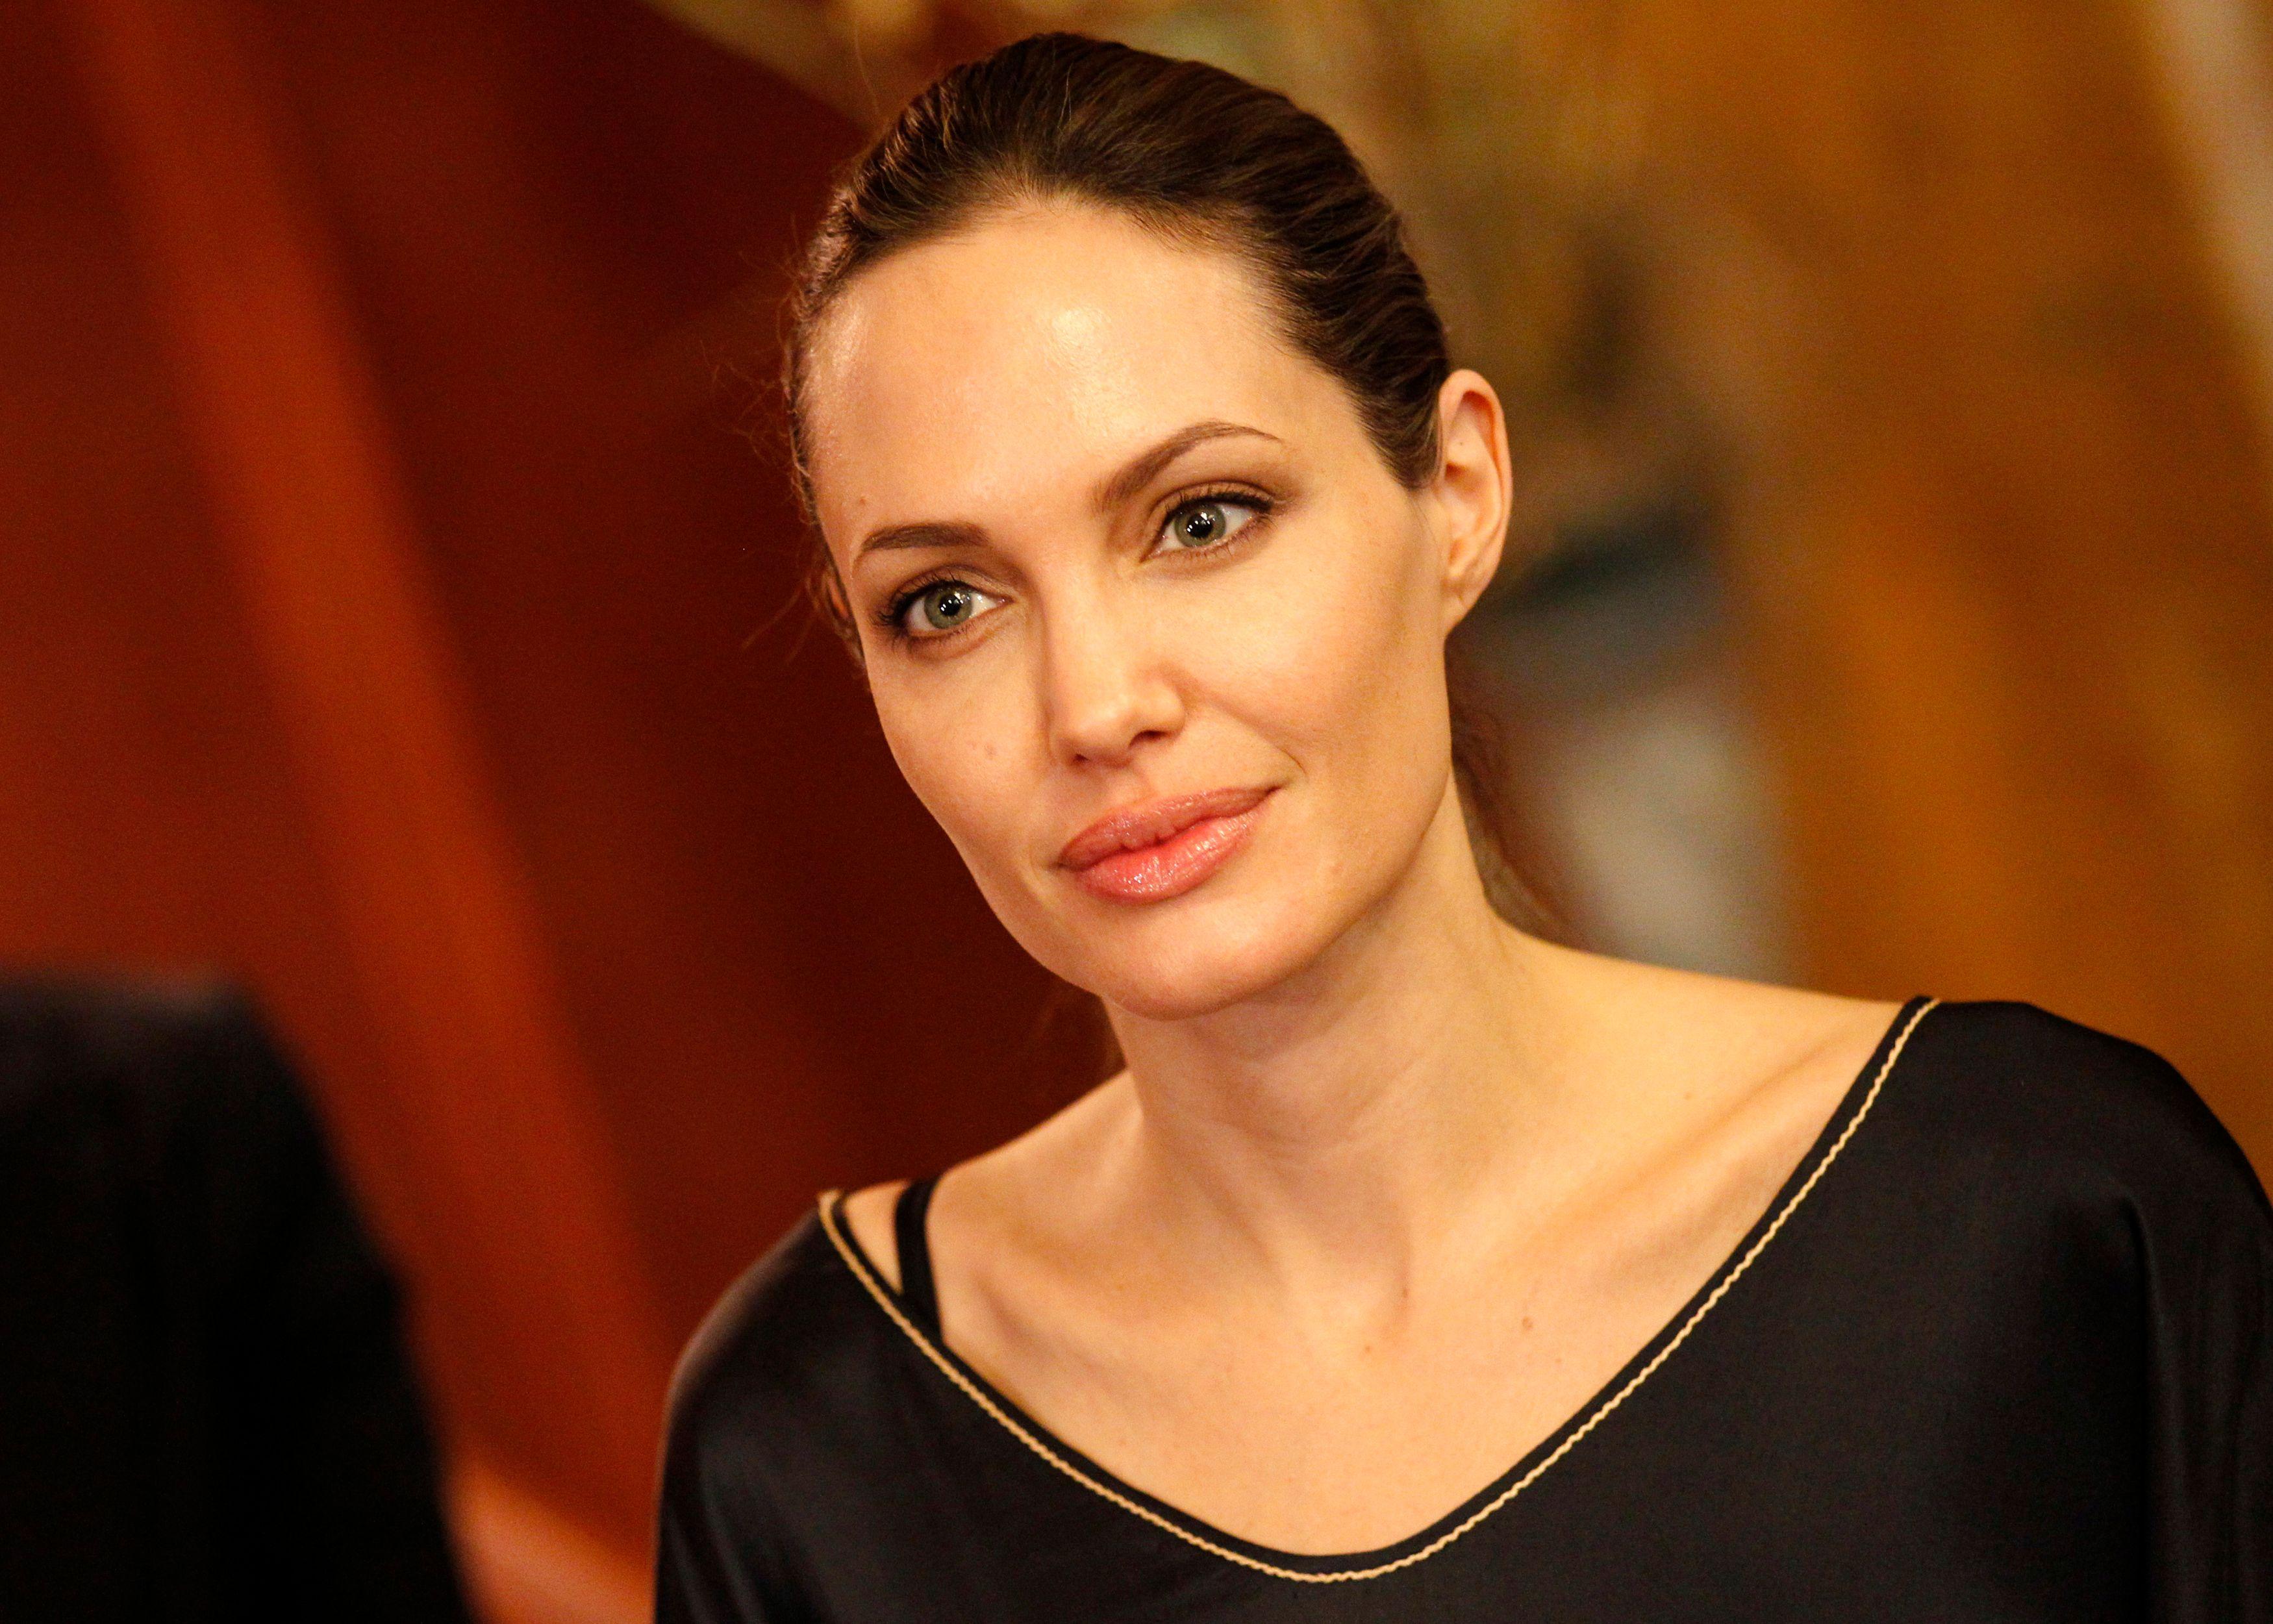 Angelina Jolie devrait tourner encore quelques films en tant qu'actrice en 2015 puis s'arrêter